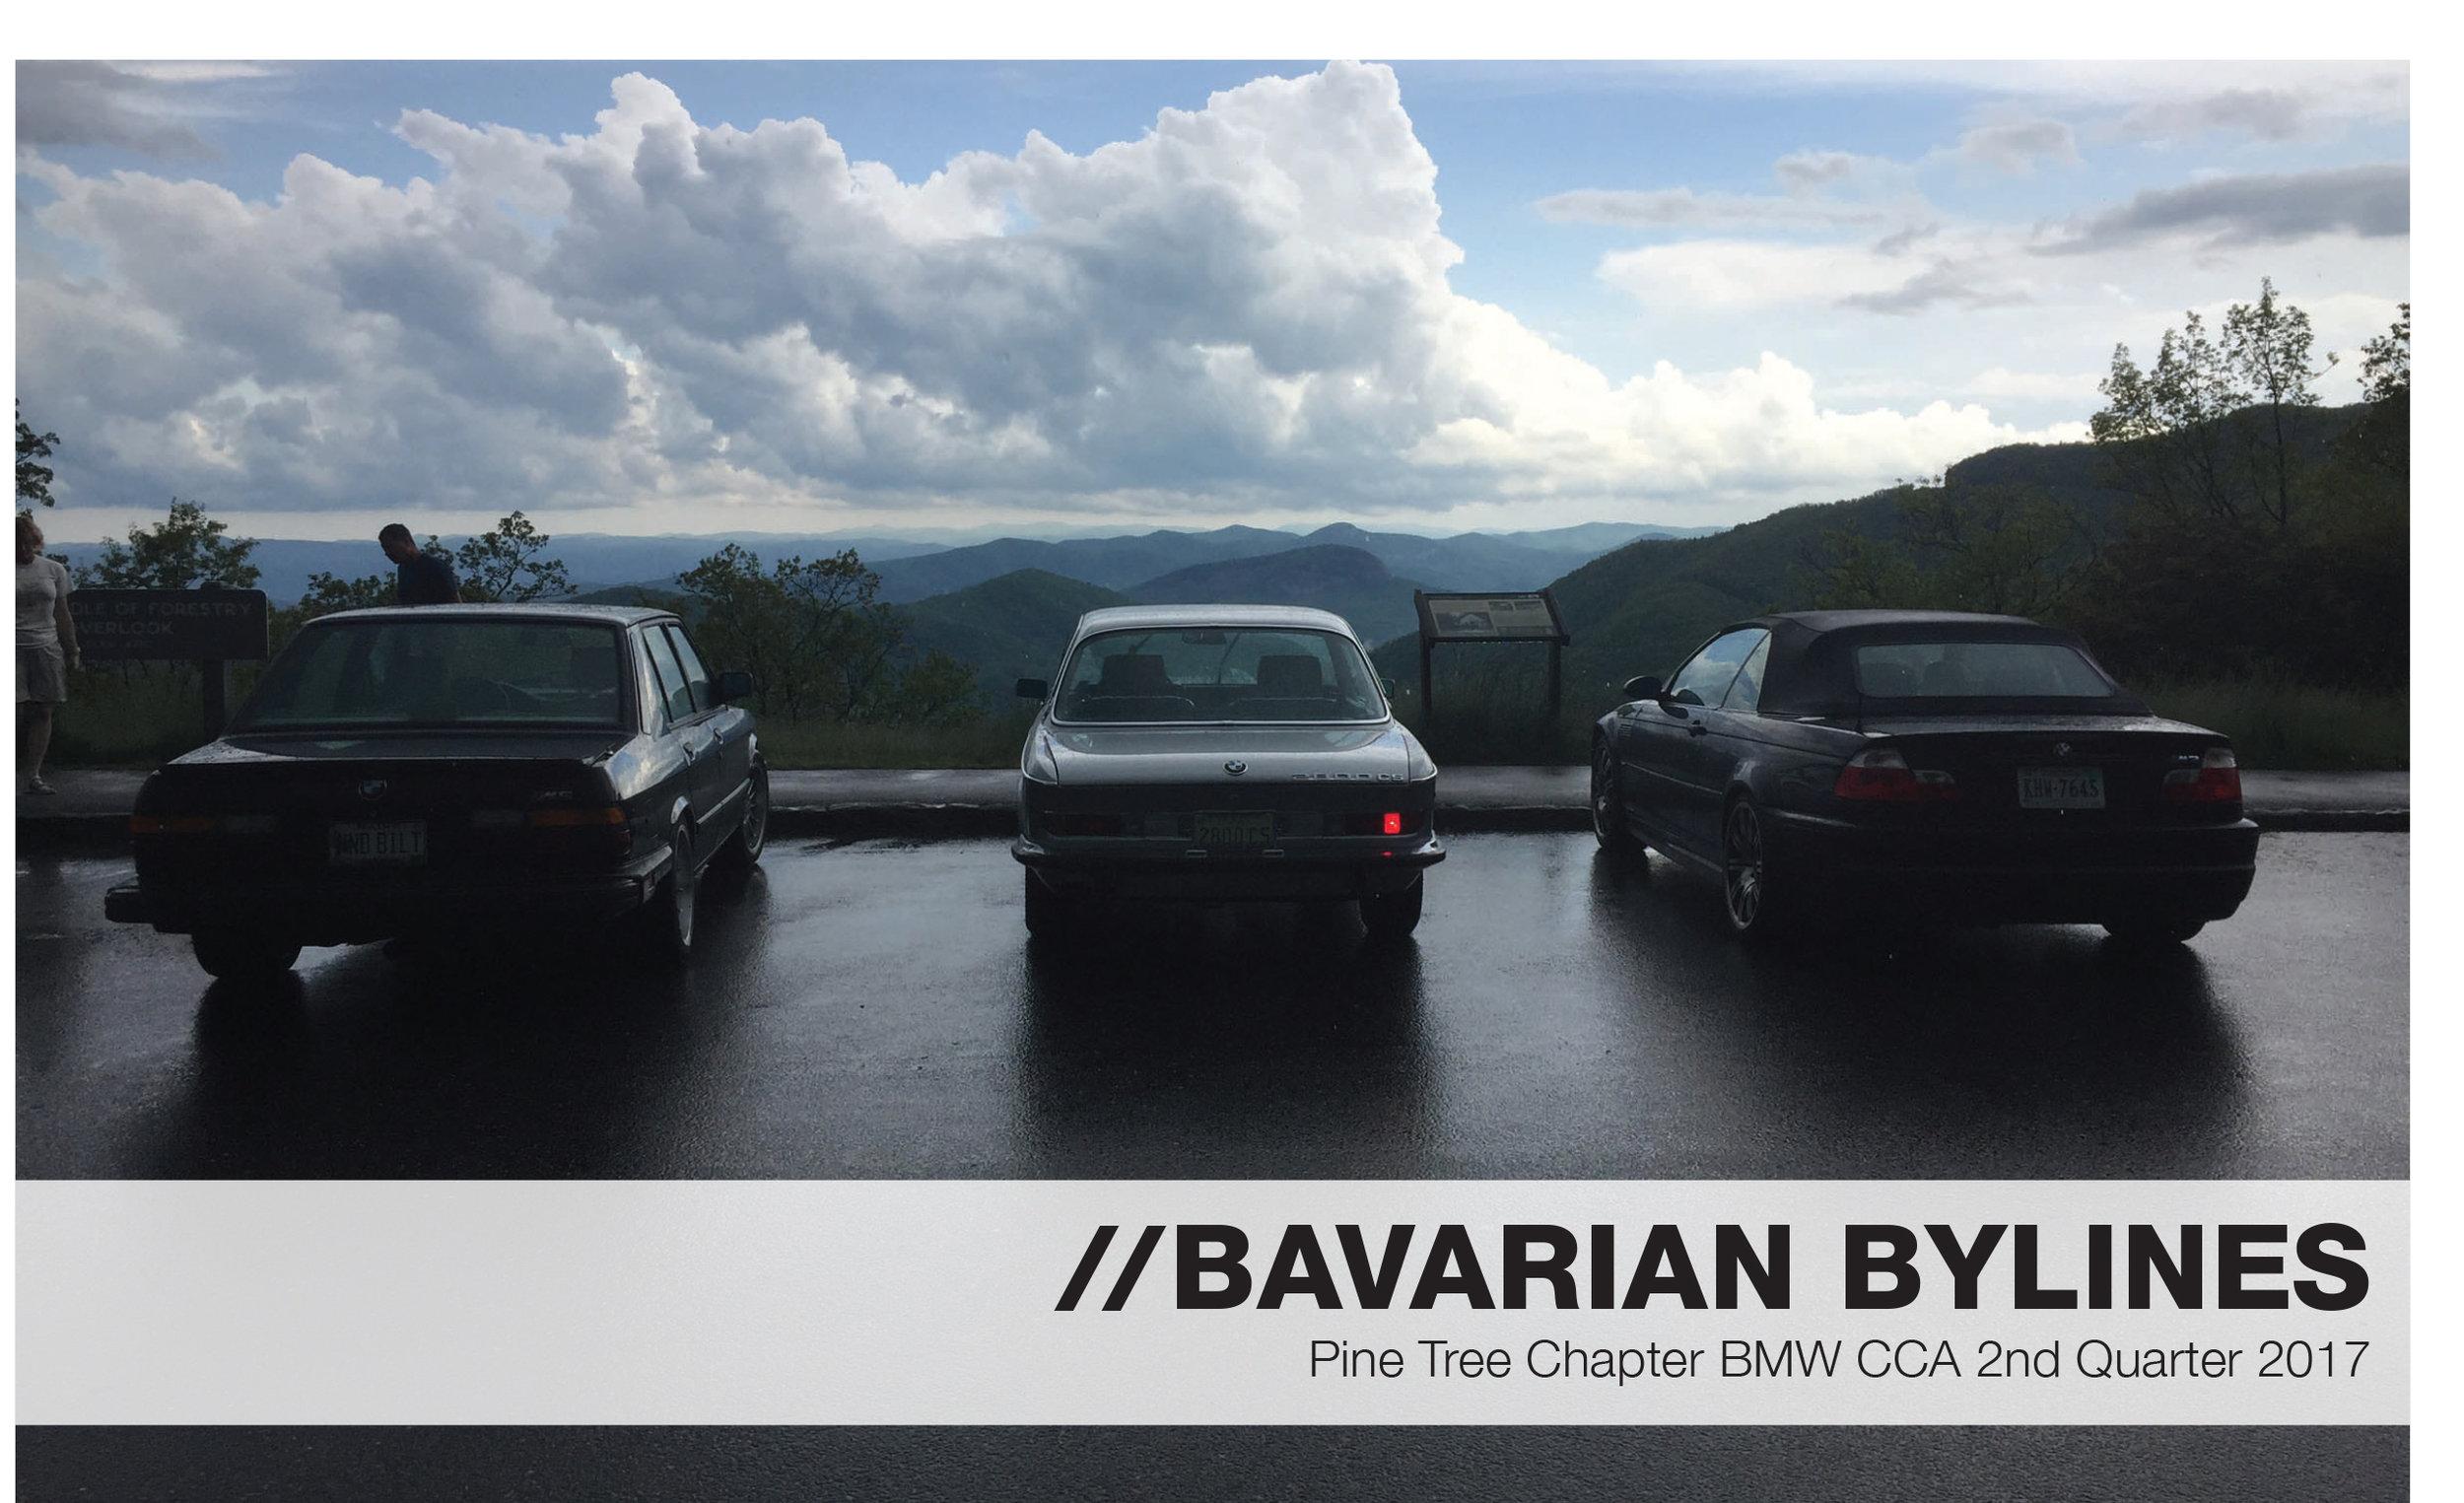 BMWCCA Second Quarter 2017-1.jpg